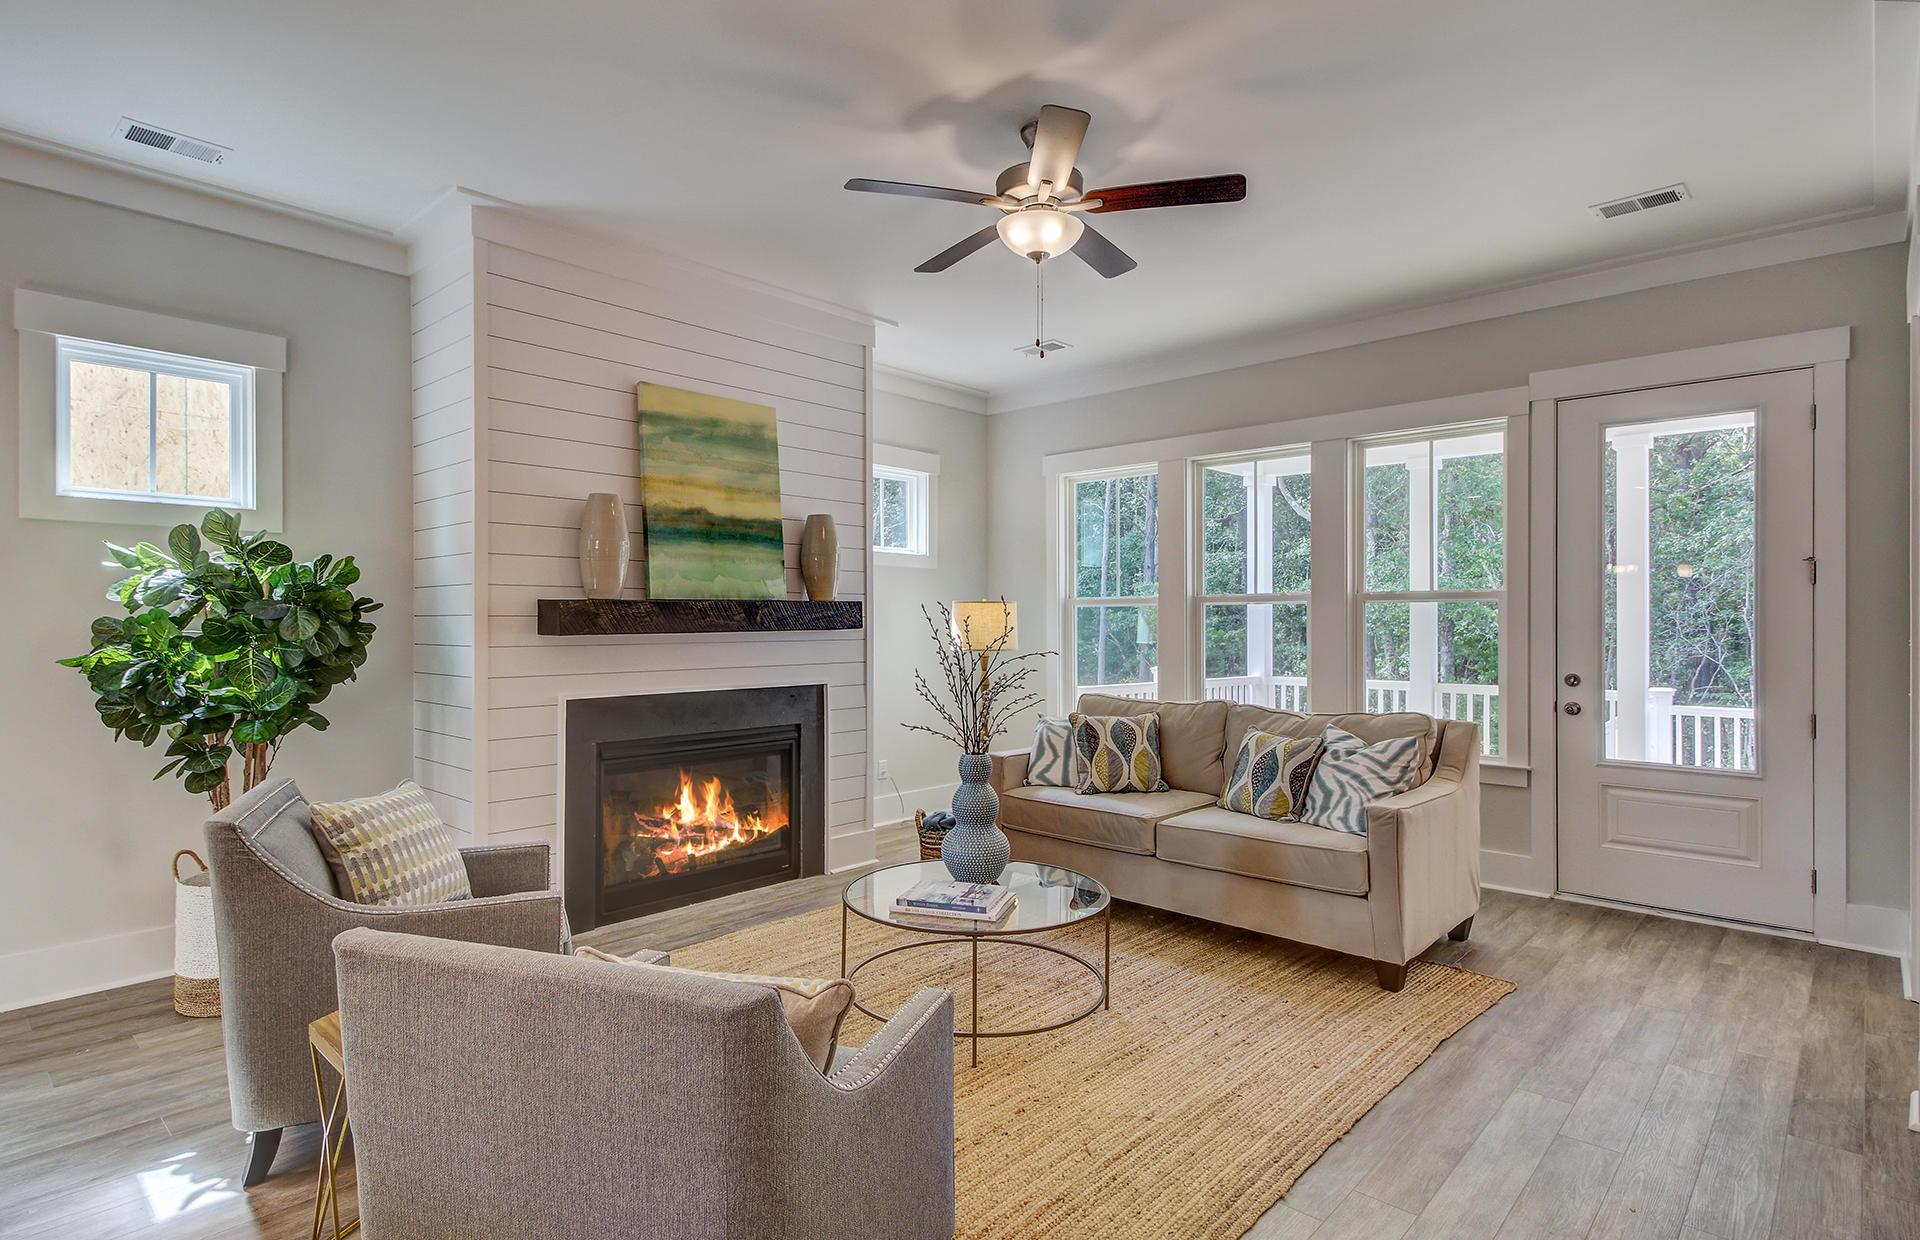 Fulton Park Homes For Sale - 2441 Giles, Mount Pleasant, SC - 2